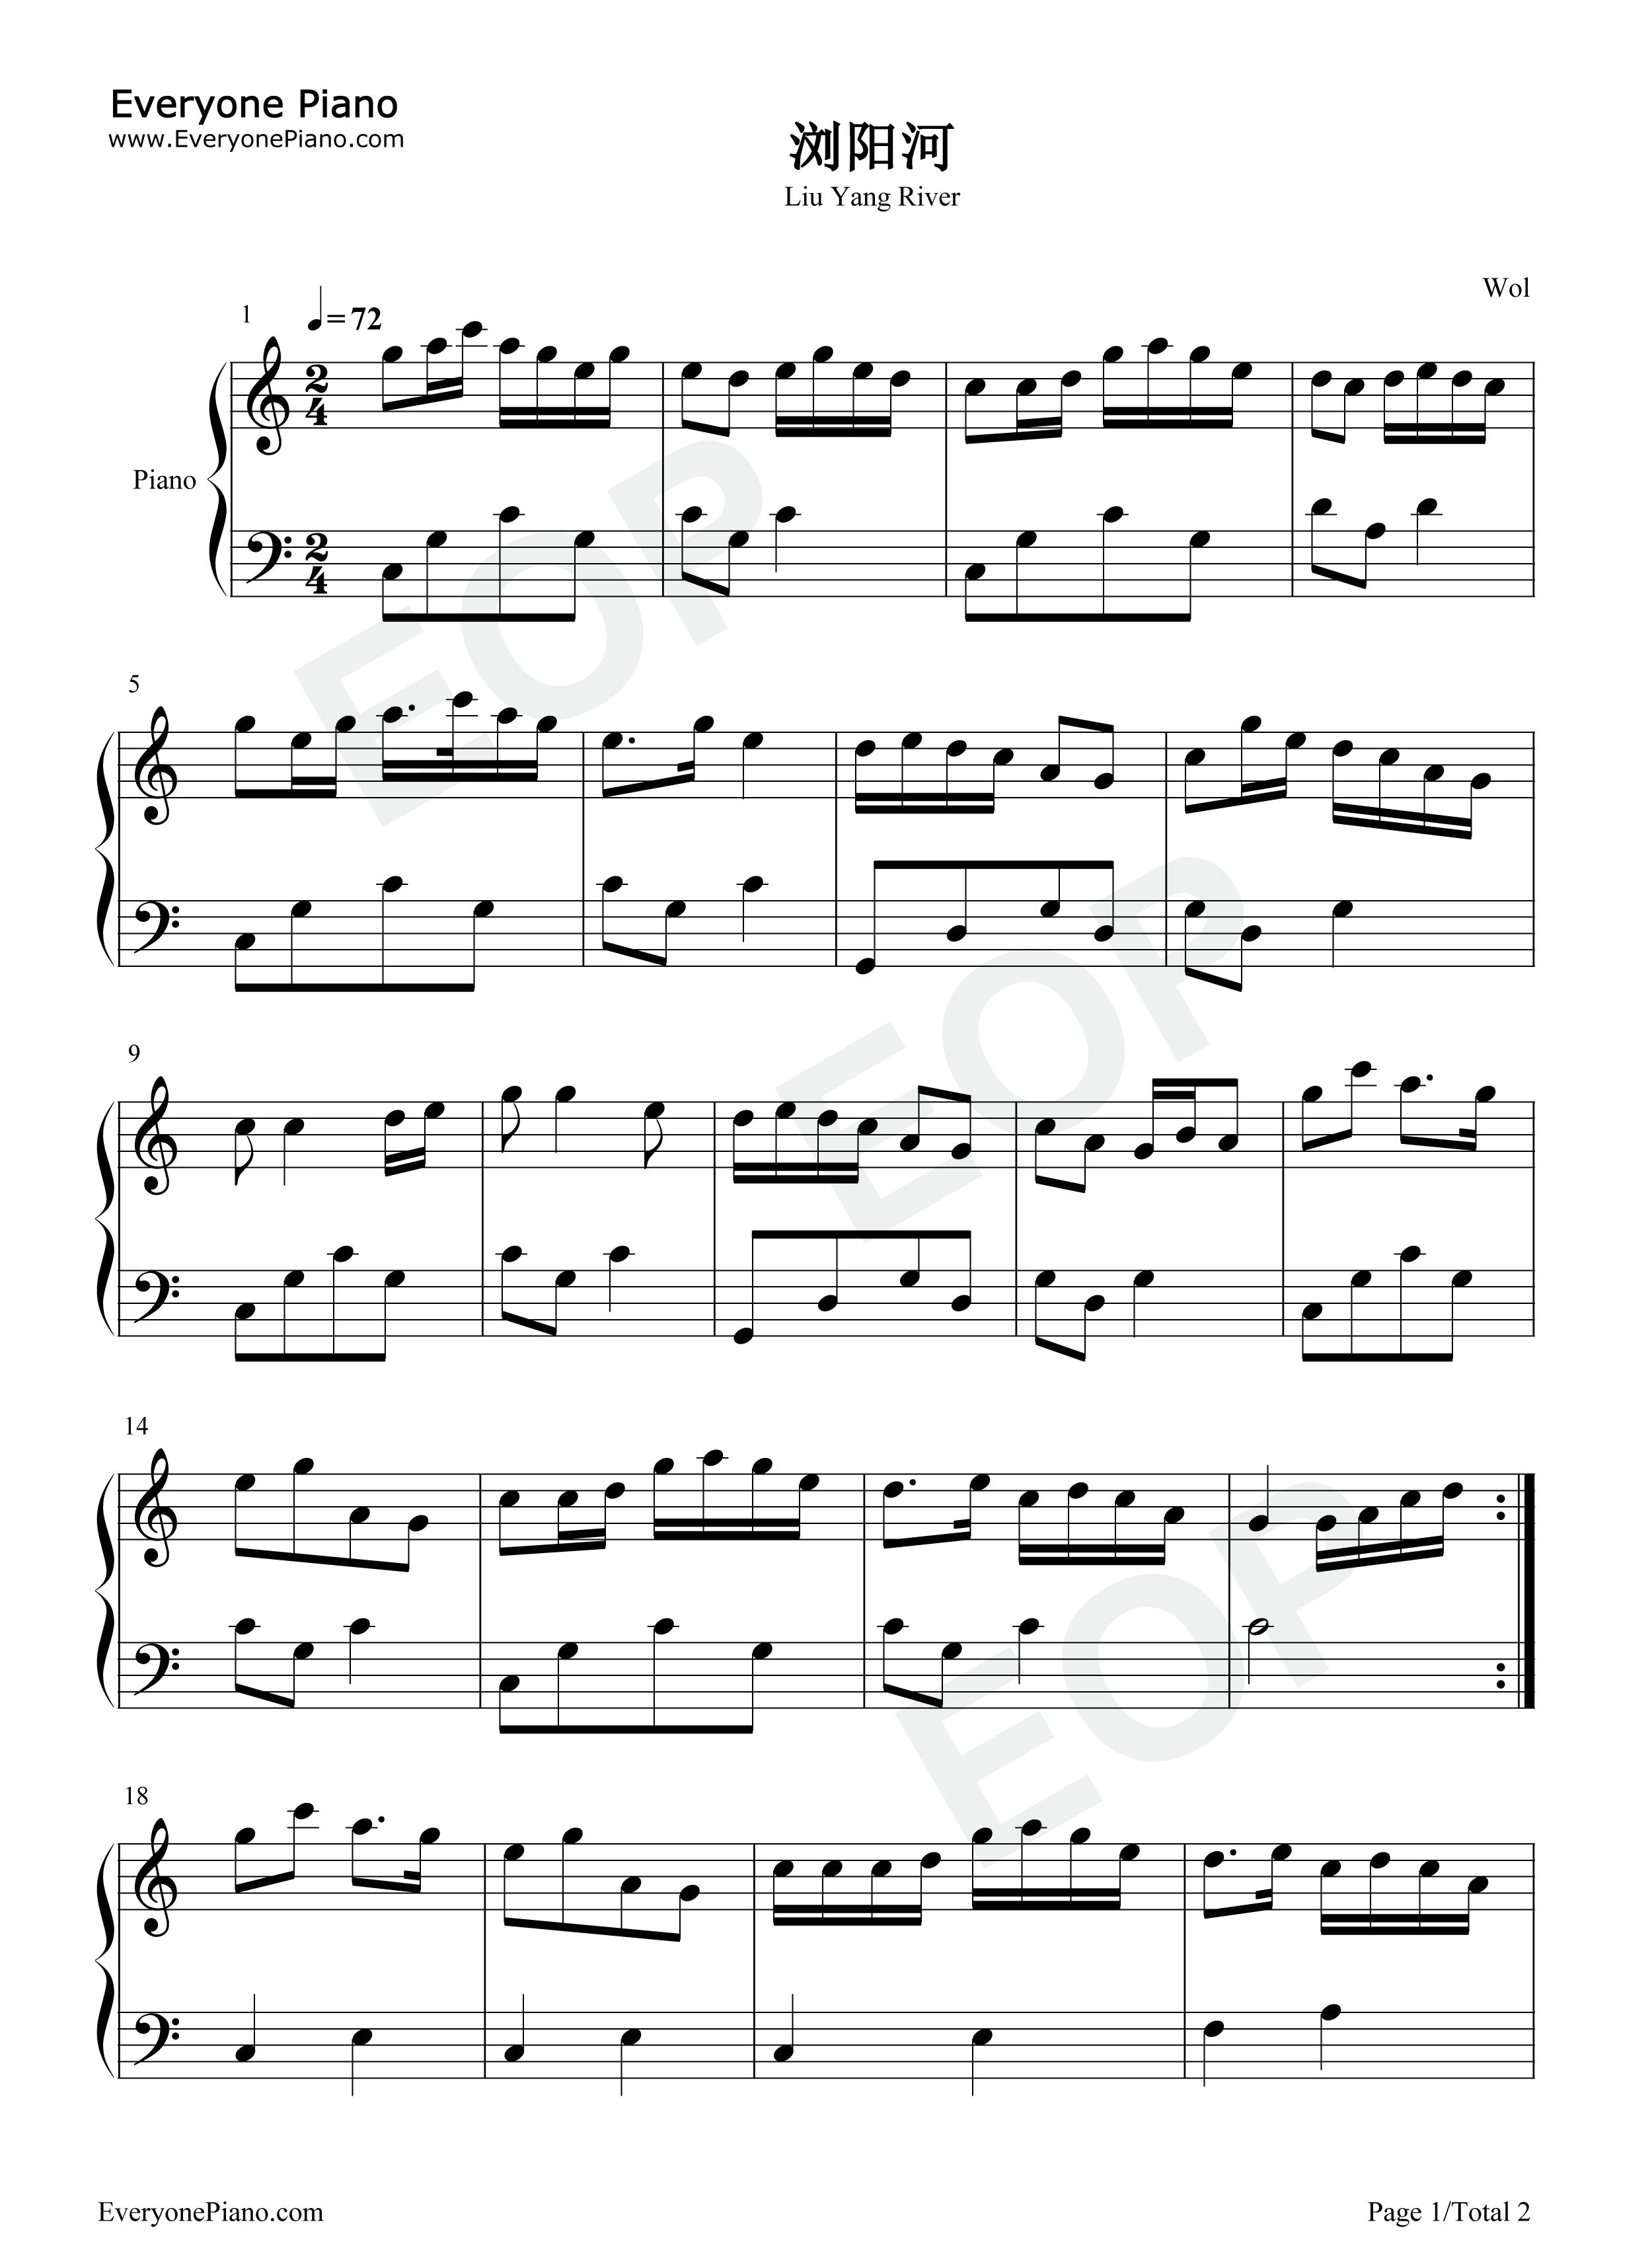 浏阳河五线谱预览1-钢琴谱(五线谱,双手简谱)免费下载